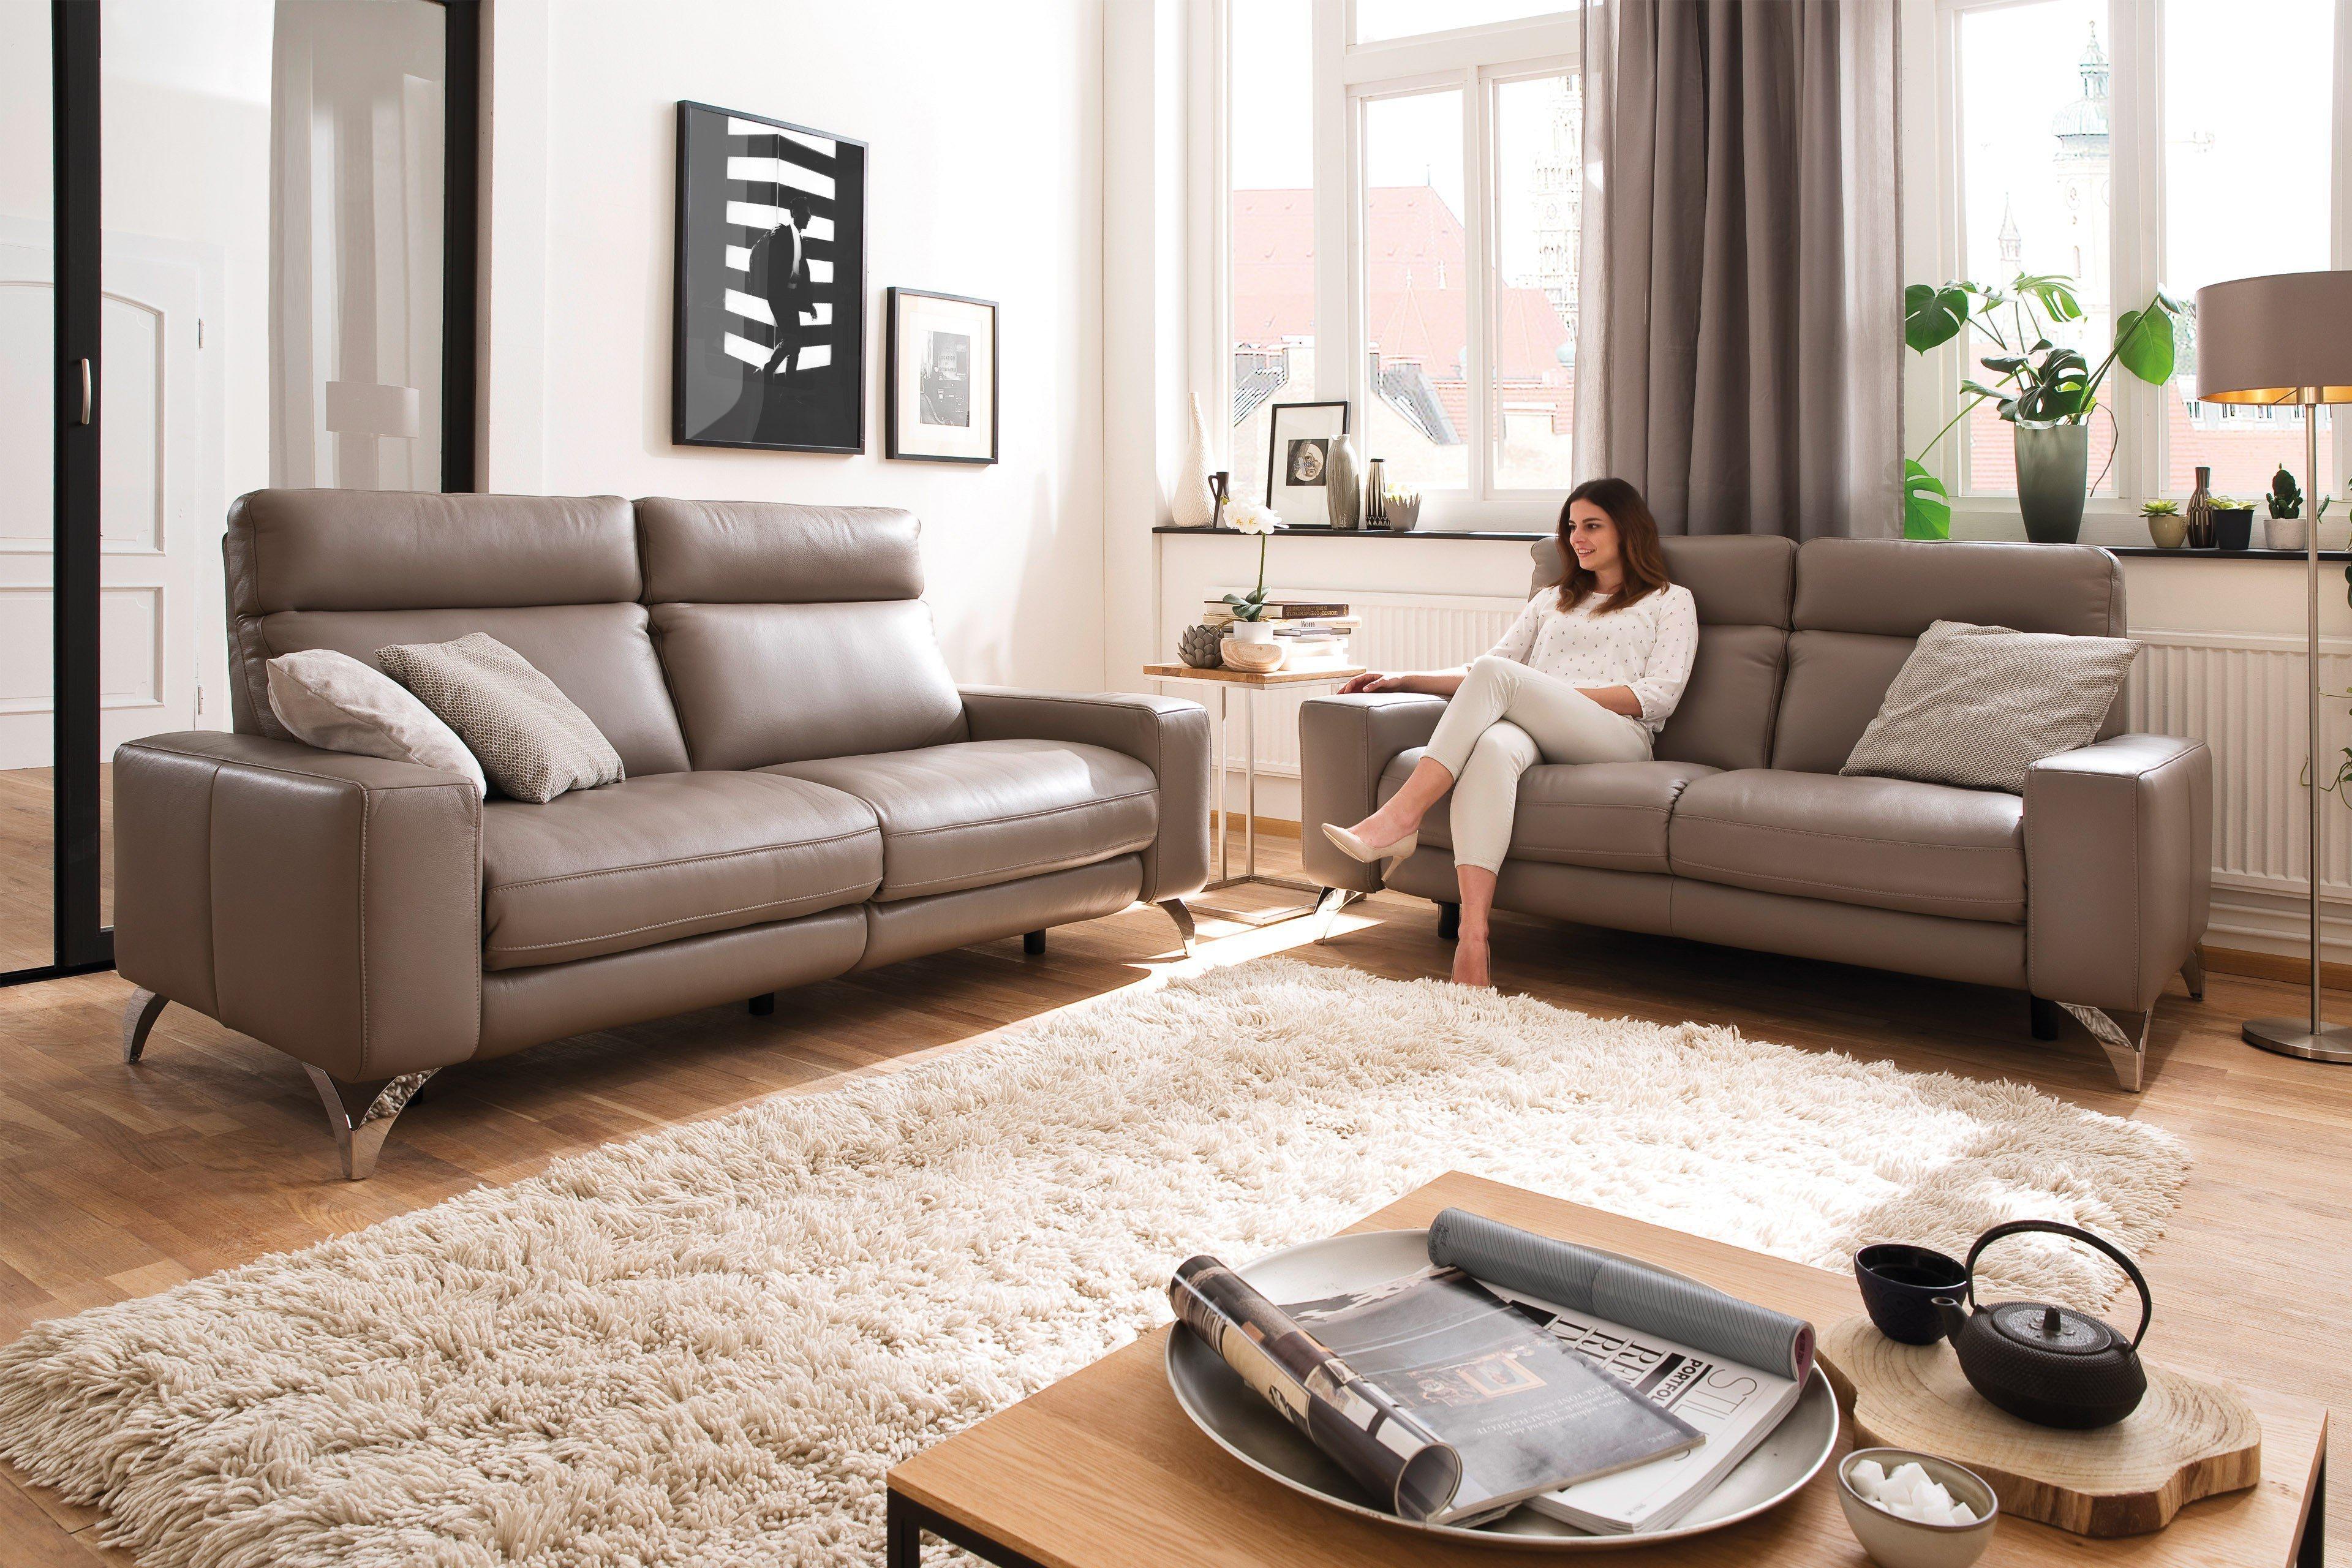 Polsteria Polstermöbel Möbel Letz Ihr Online Shop